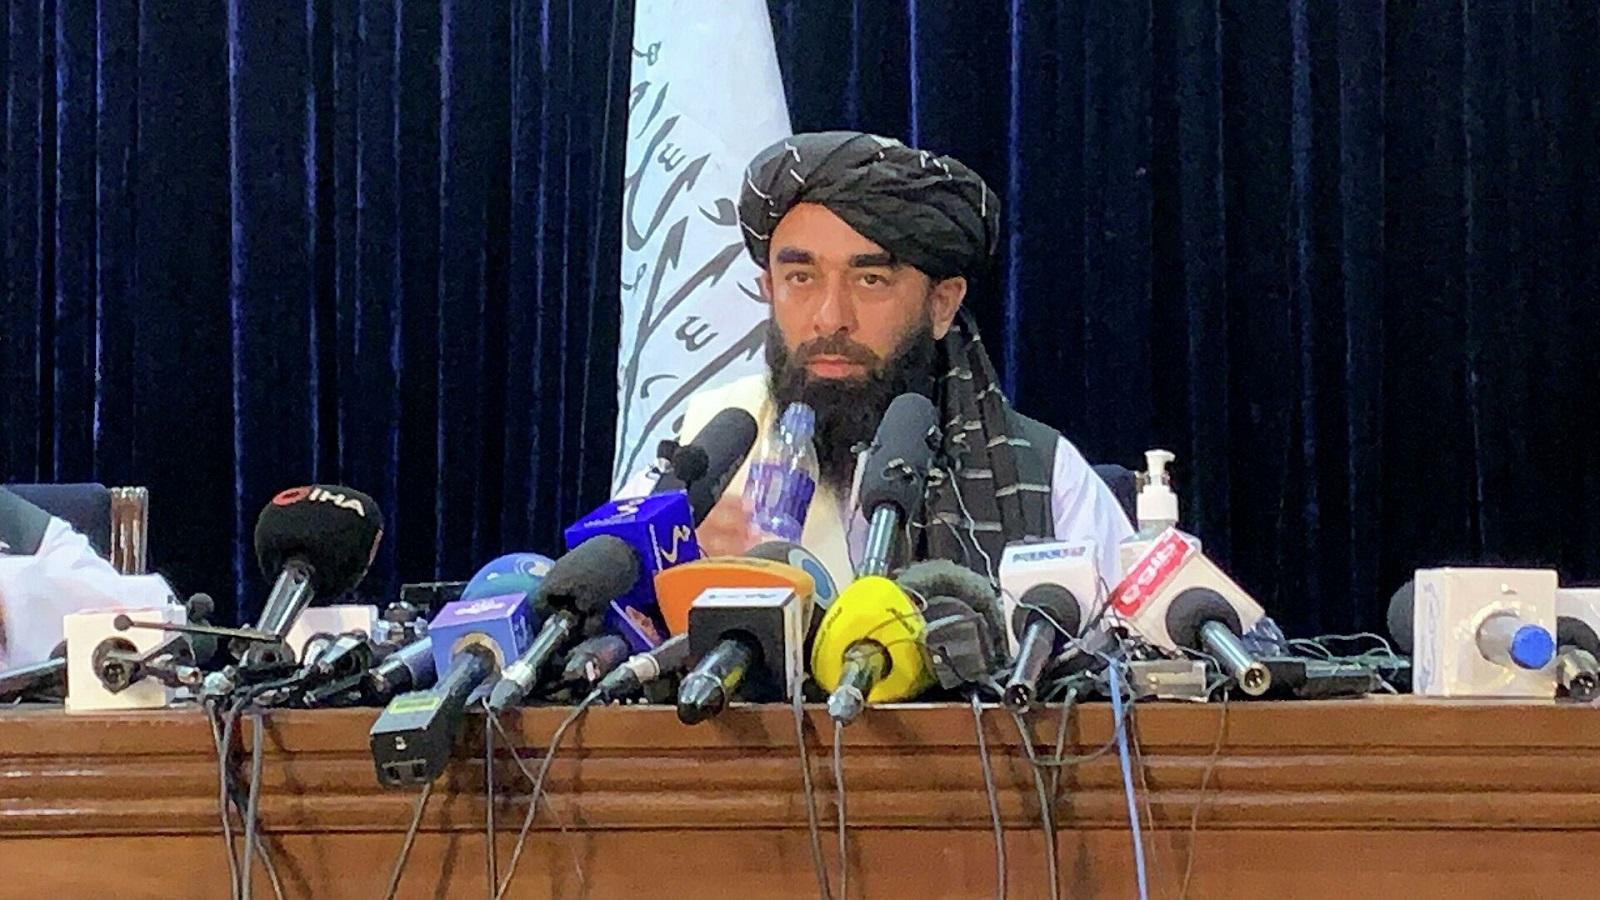 阿富汗塔利班举行首次记者会,外交部对此发表评论!插图-小狮座俄罗斯留学